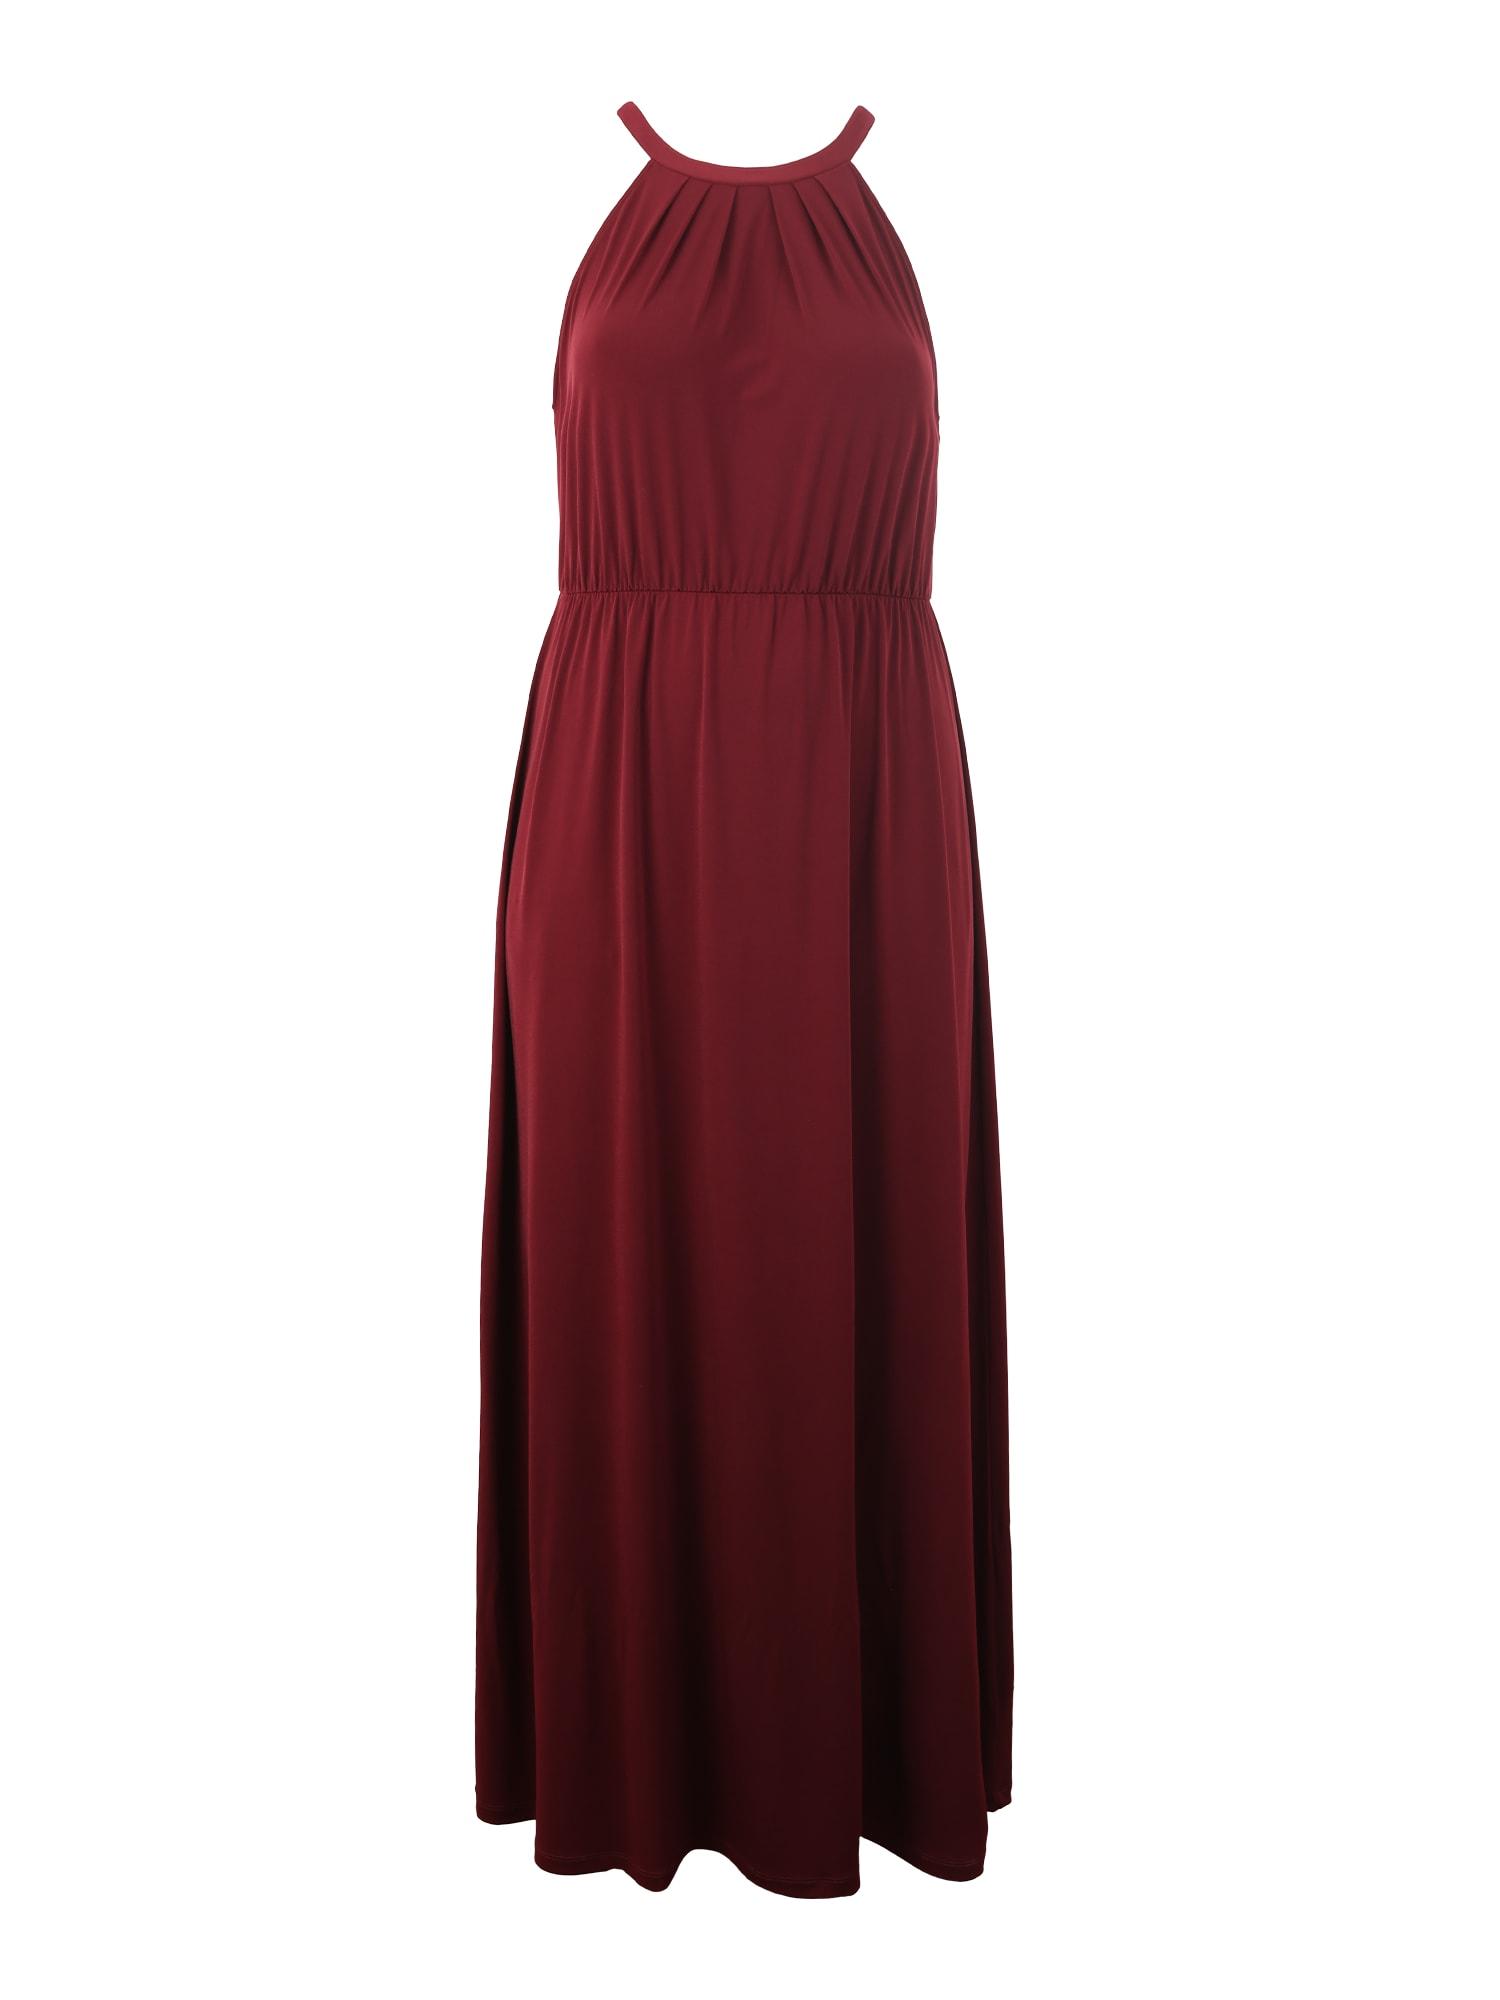 ABOUT YOU Curvy Vakarinė suknelė 'Cathleen' vyno raudona spalva